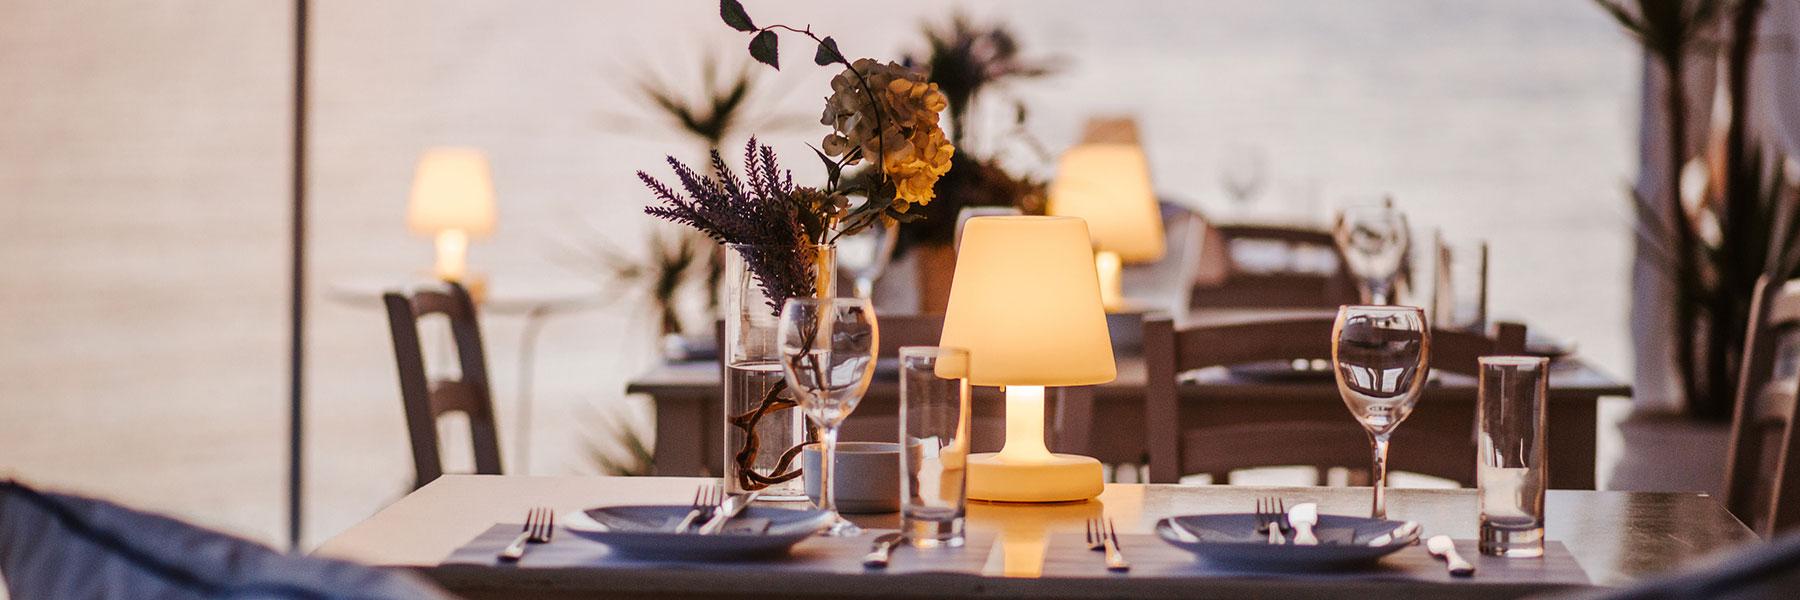 Hillsboro Beach Resort Dining at Roi